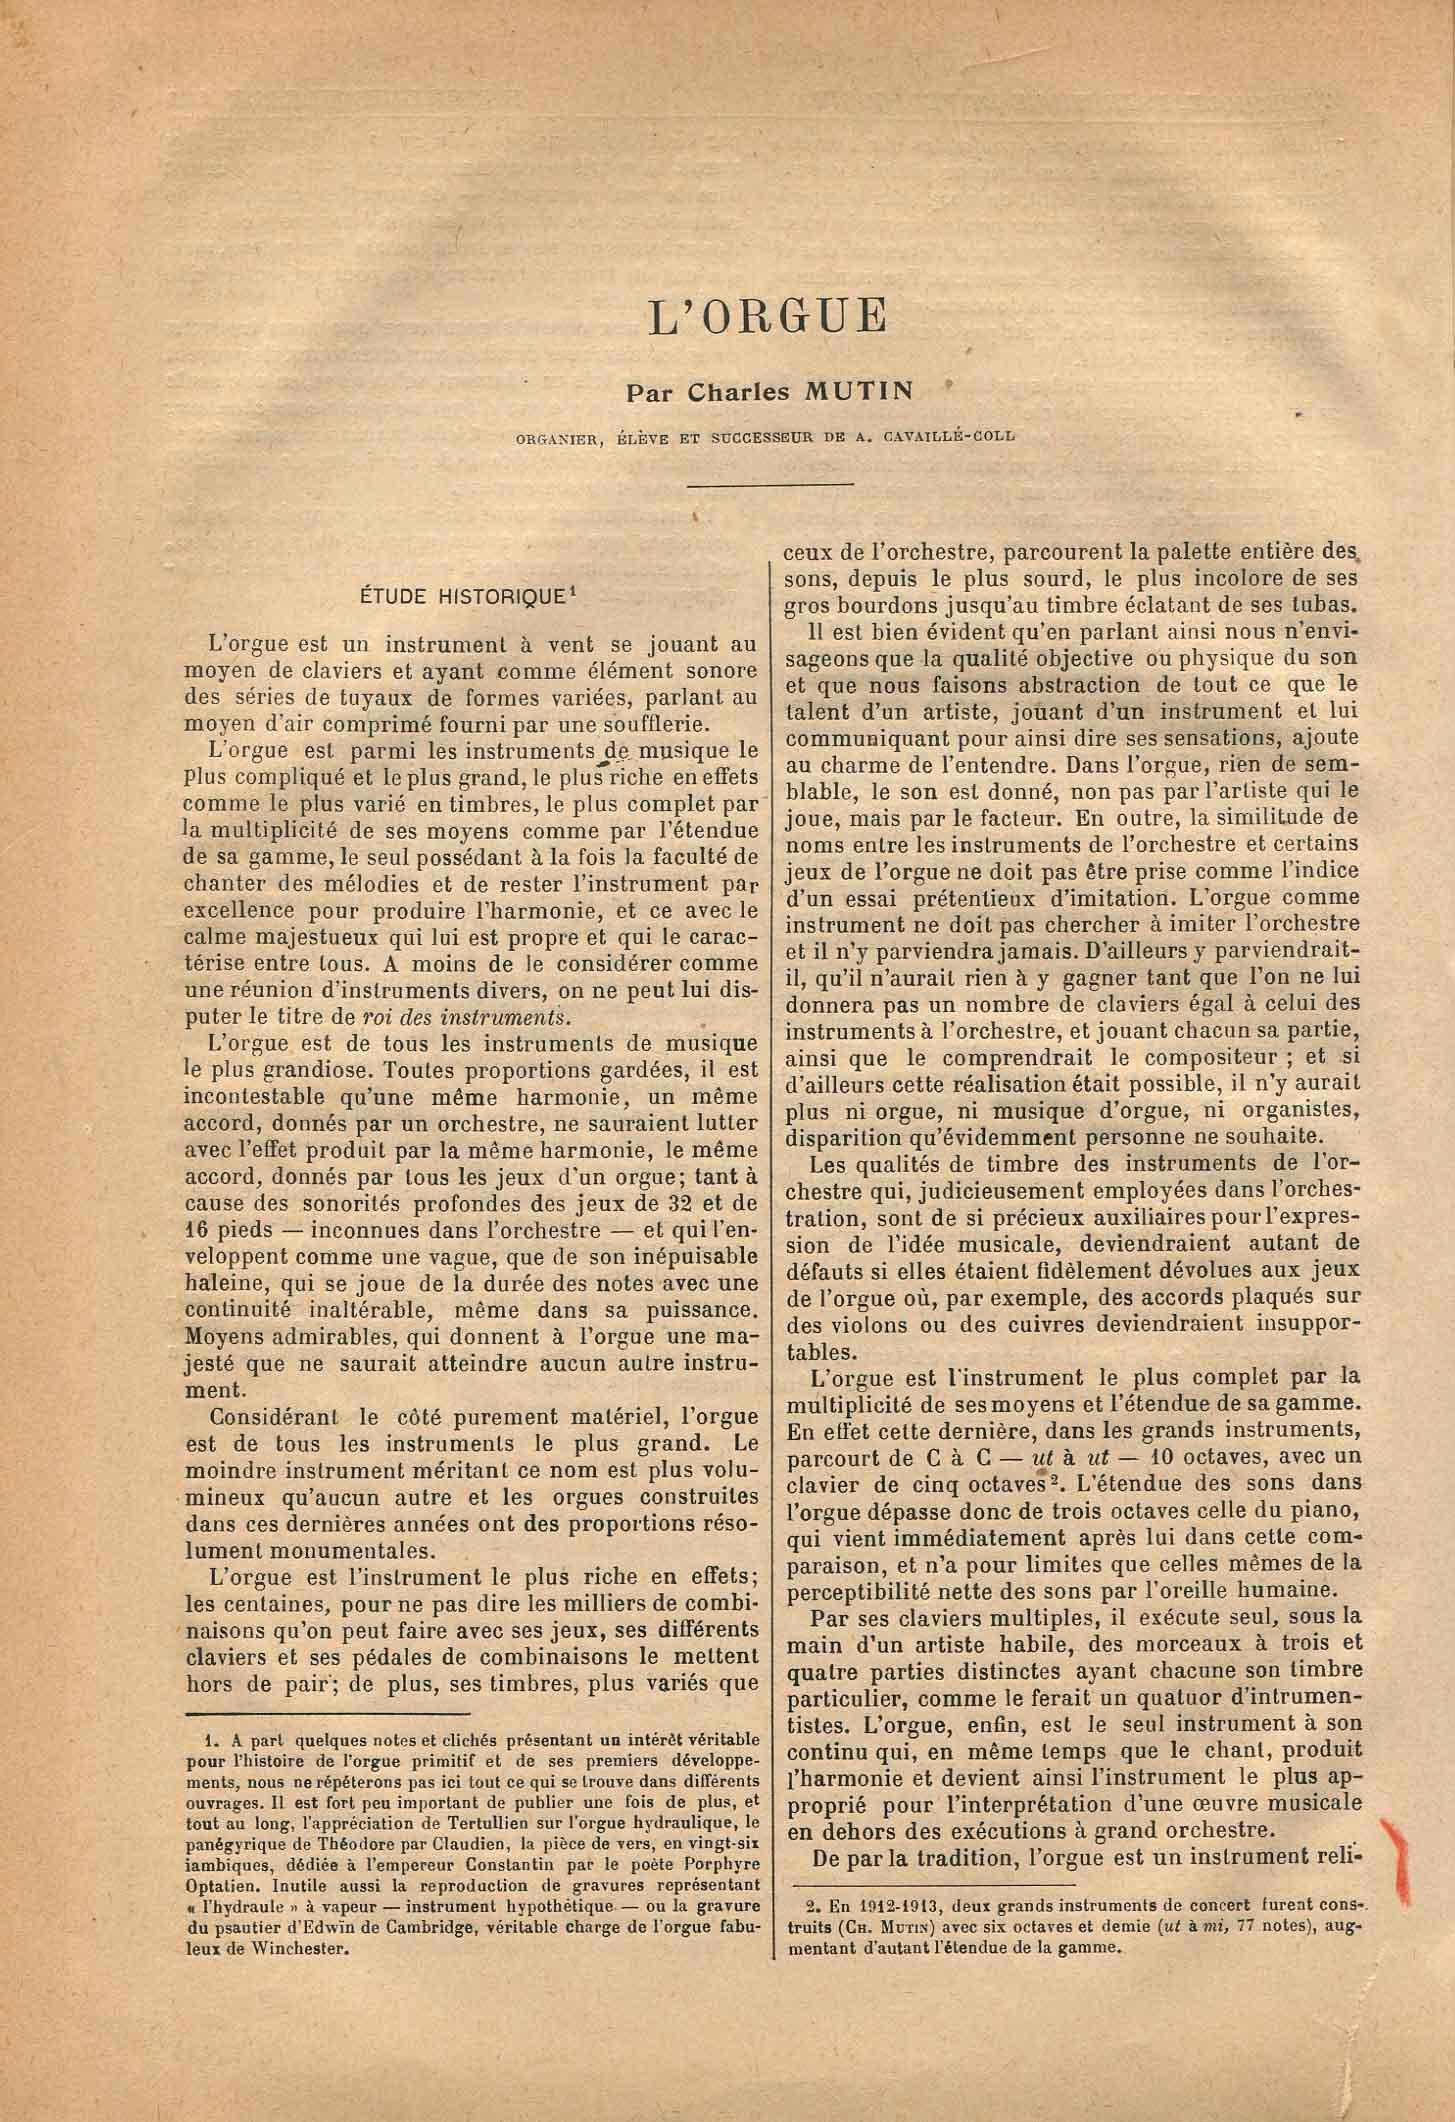 Encyclopedie de la musique et dictionnaire du conservatoire : Technique, esthetique, pedagogie